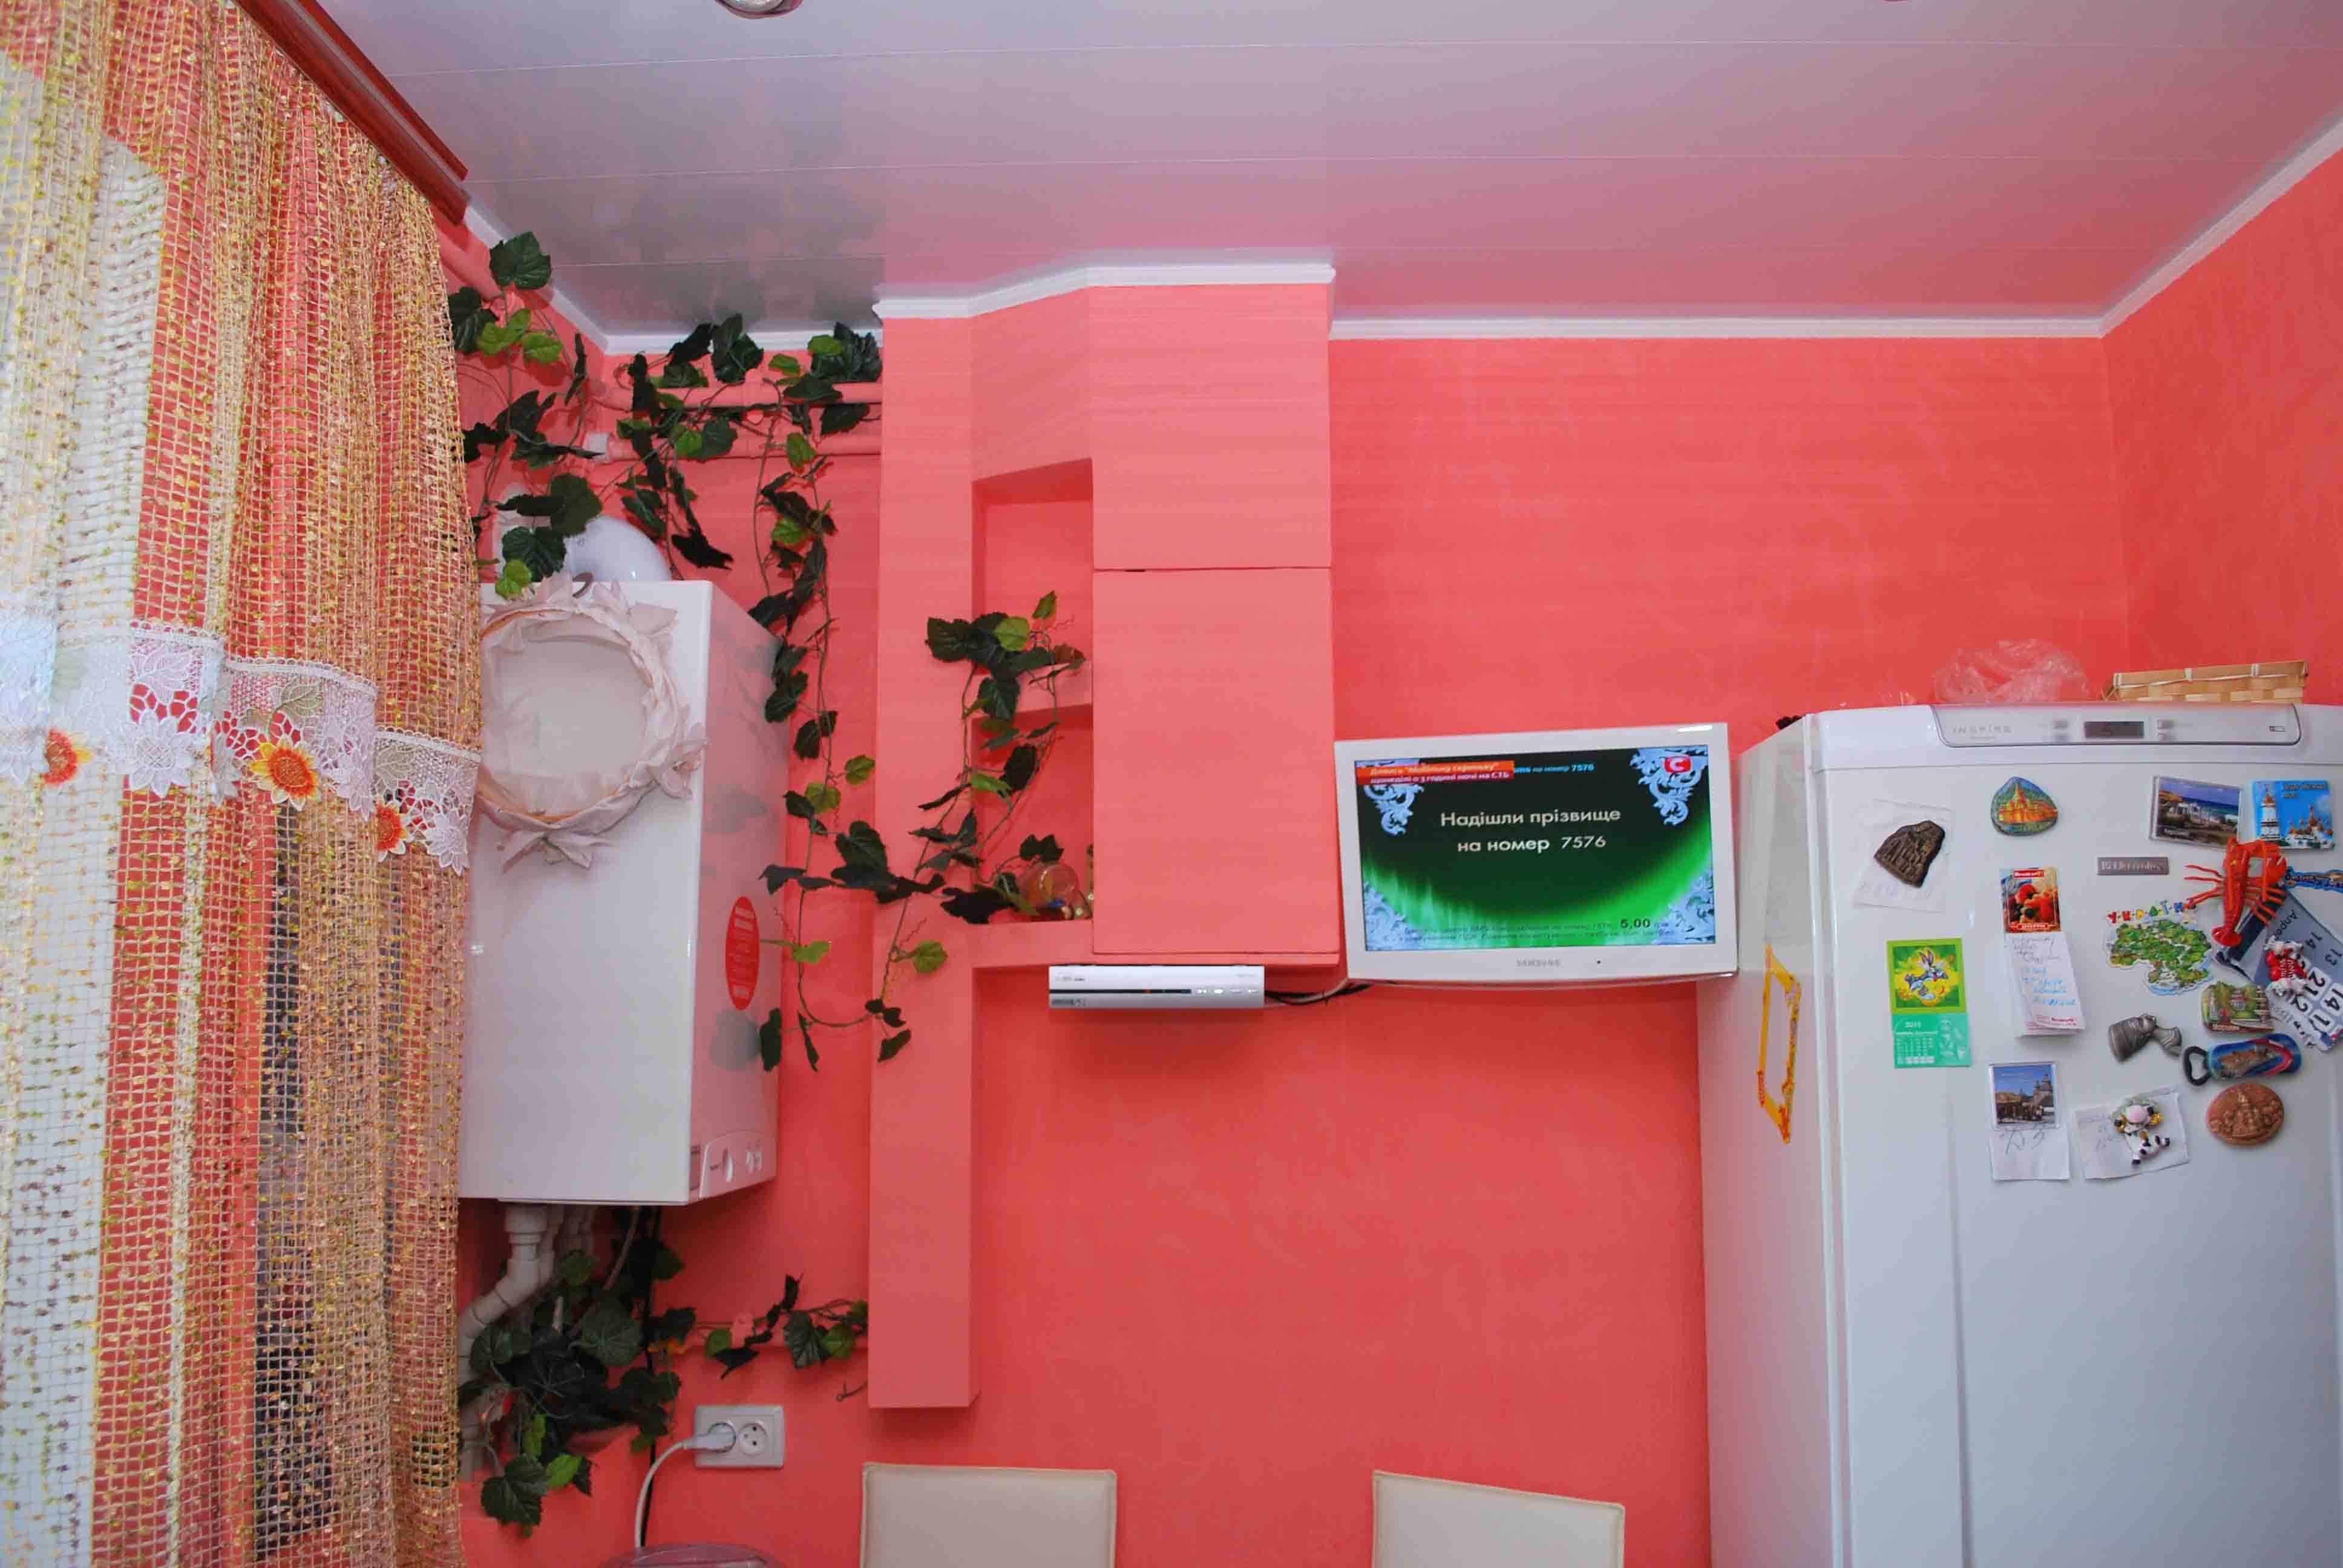 пример яркого интерьера кухни с газовым котлом